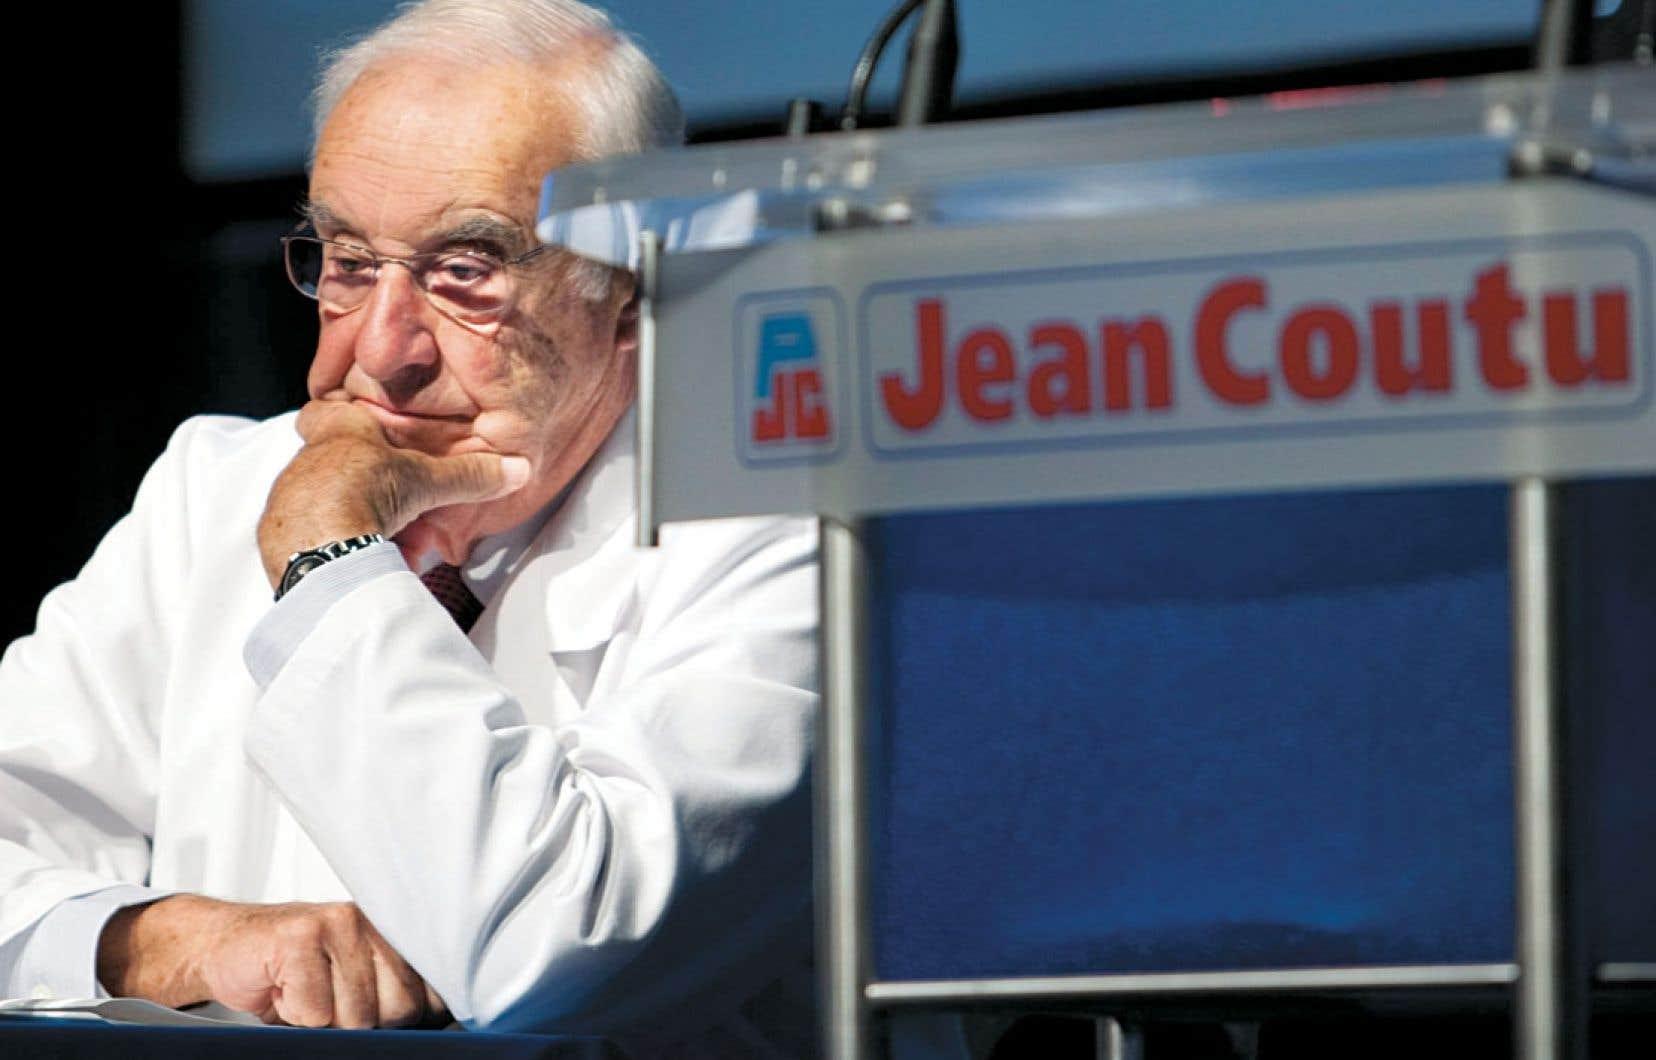 <div> Jean Coutu a perdu contre le syndic de son ordre professionnel.</div>